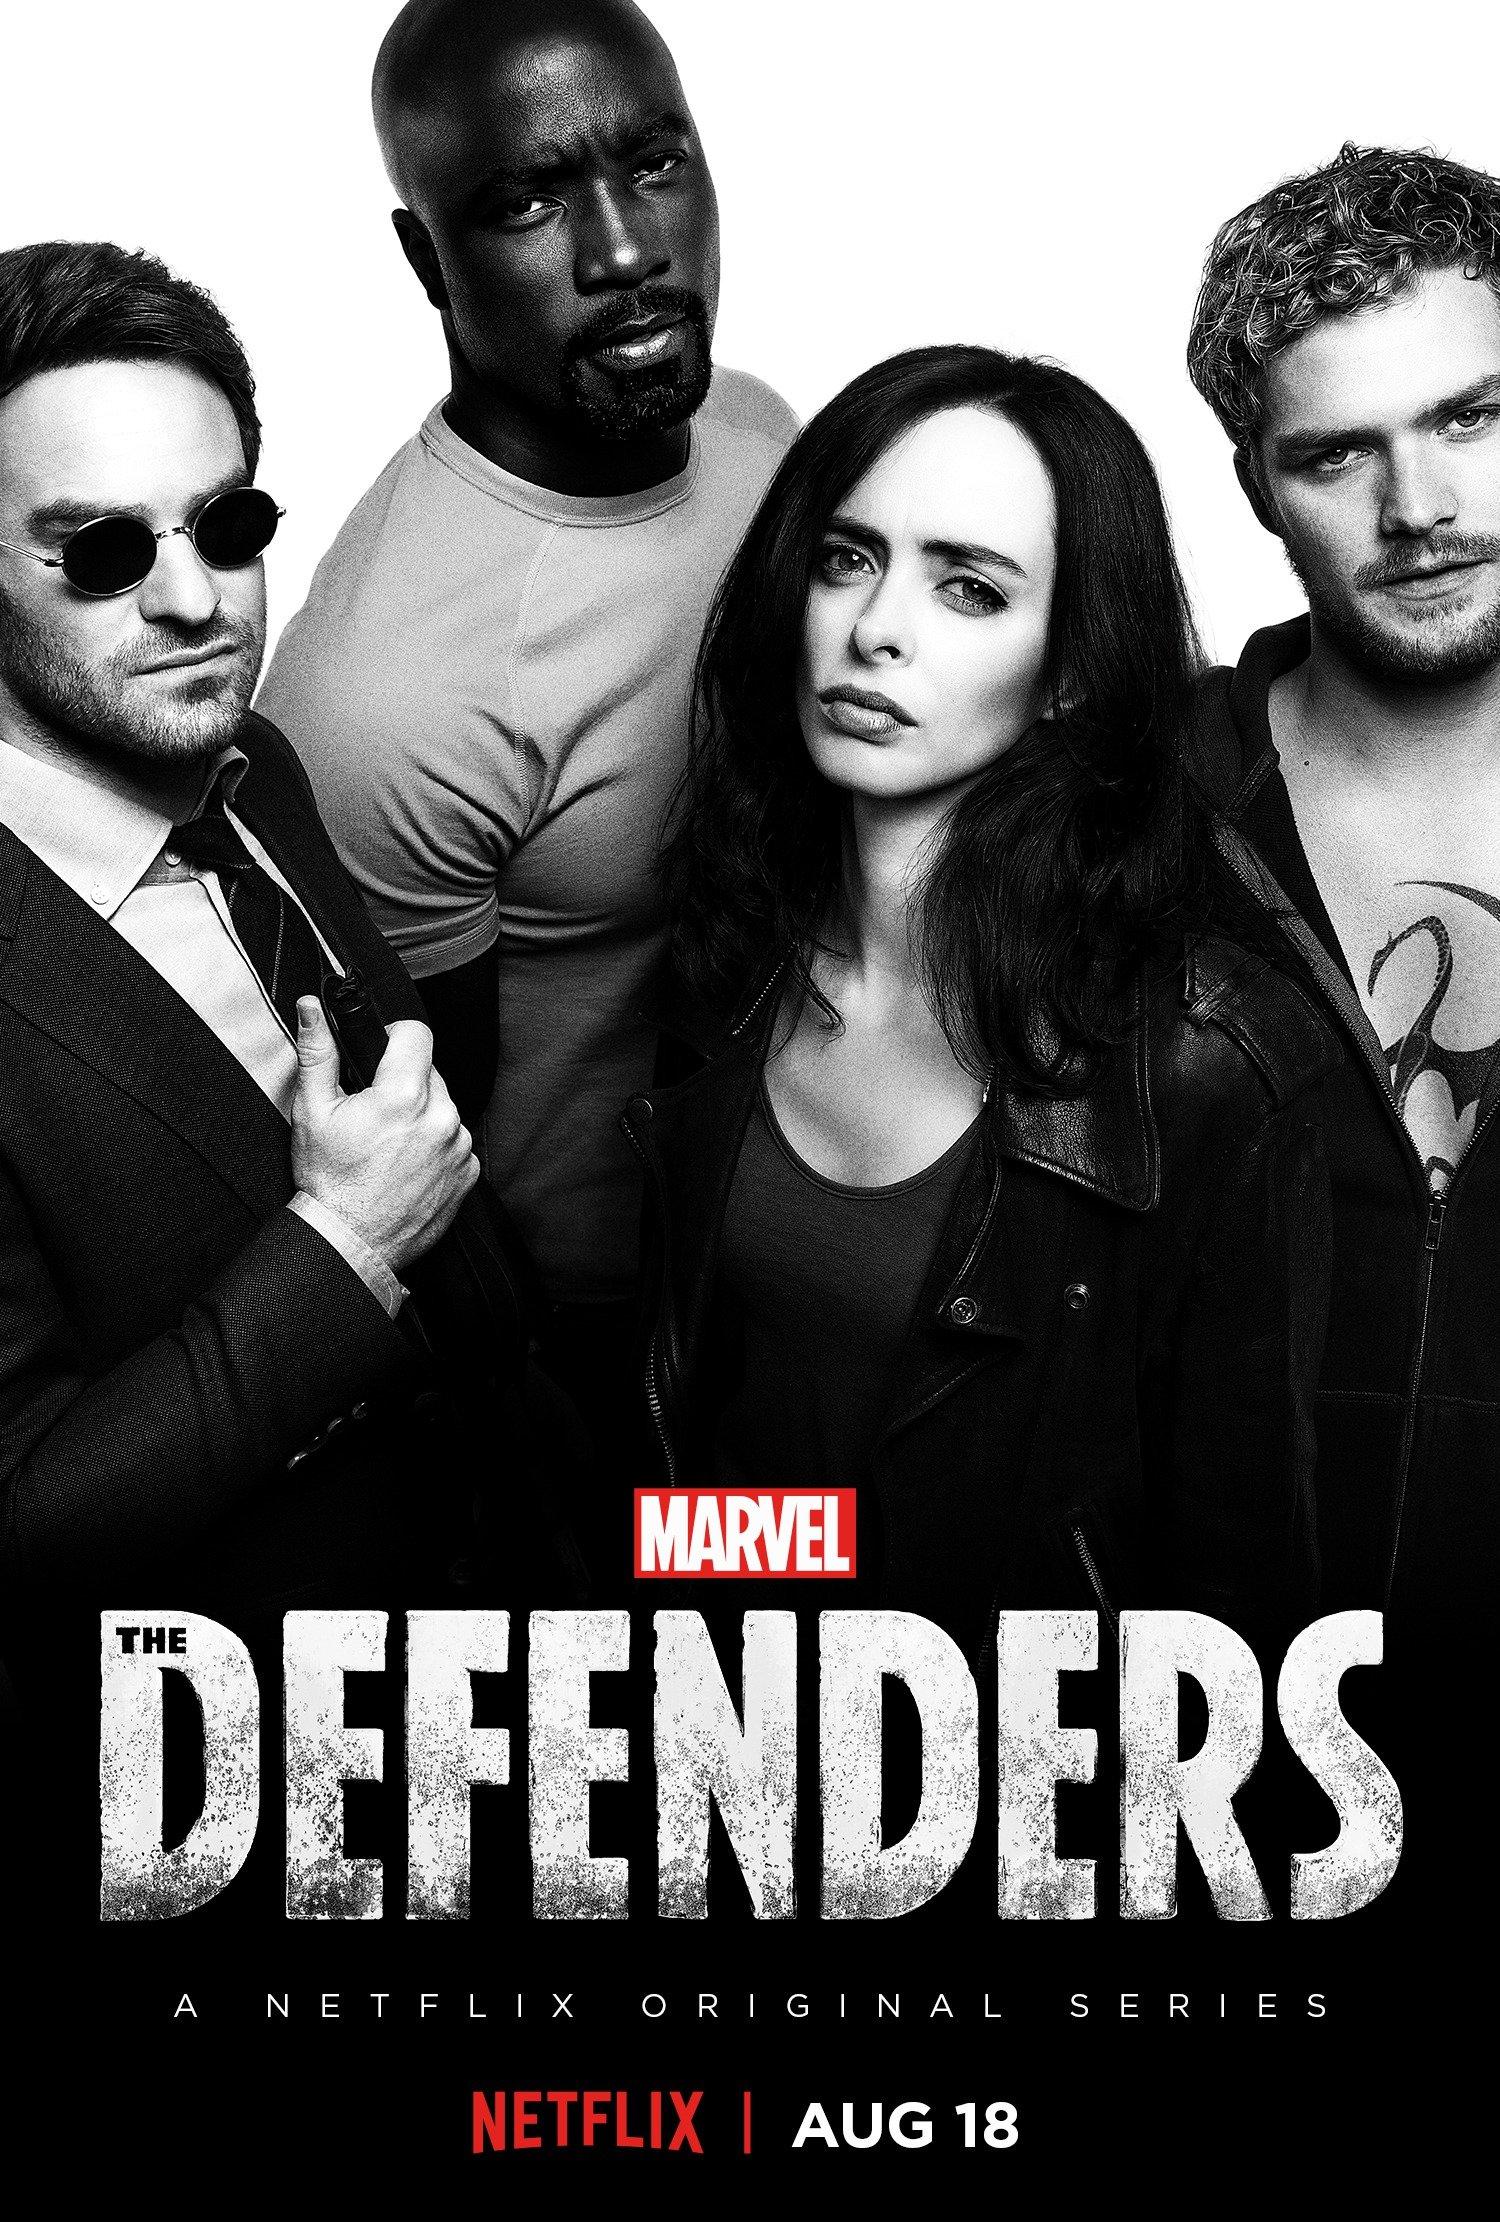 Poster de The Defenders avec Daredevil (Charlie Cox), Luke Cage (Mike Colter), Jessica Jones (Krysten Ritter) et Iron Fist (Finn Jones)